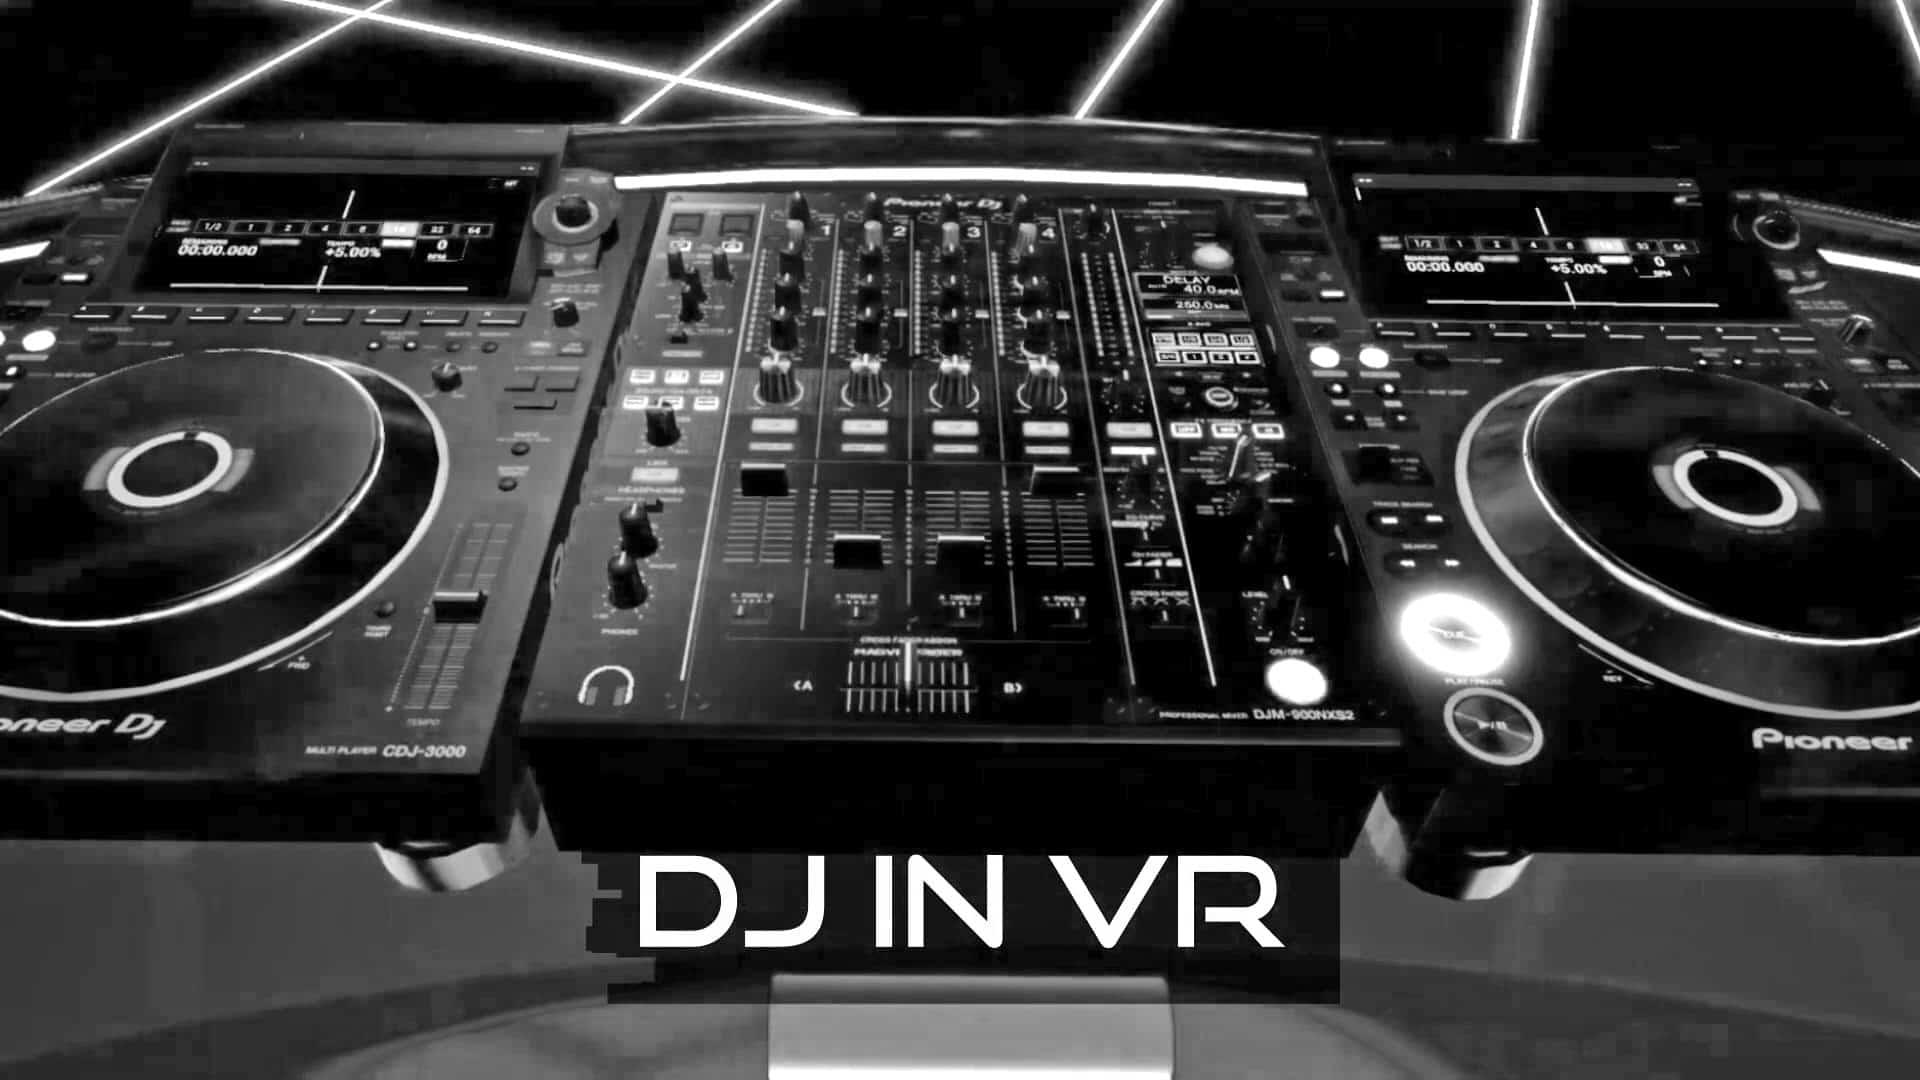 Pioneer DJ Tribe XR VR DJ